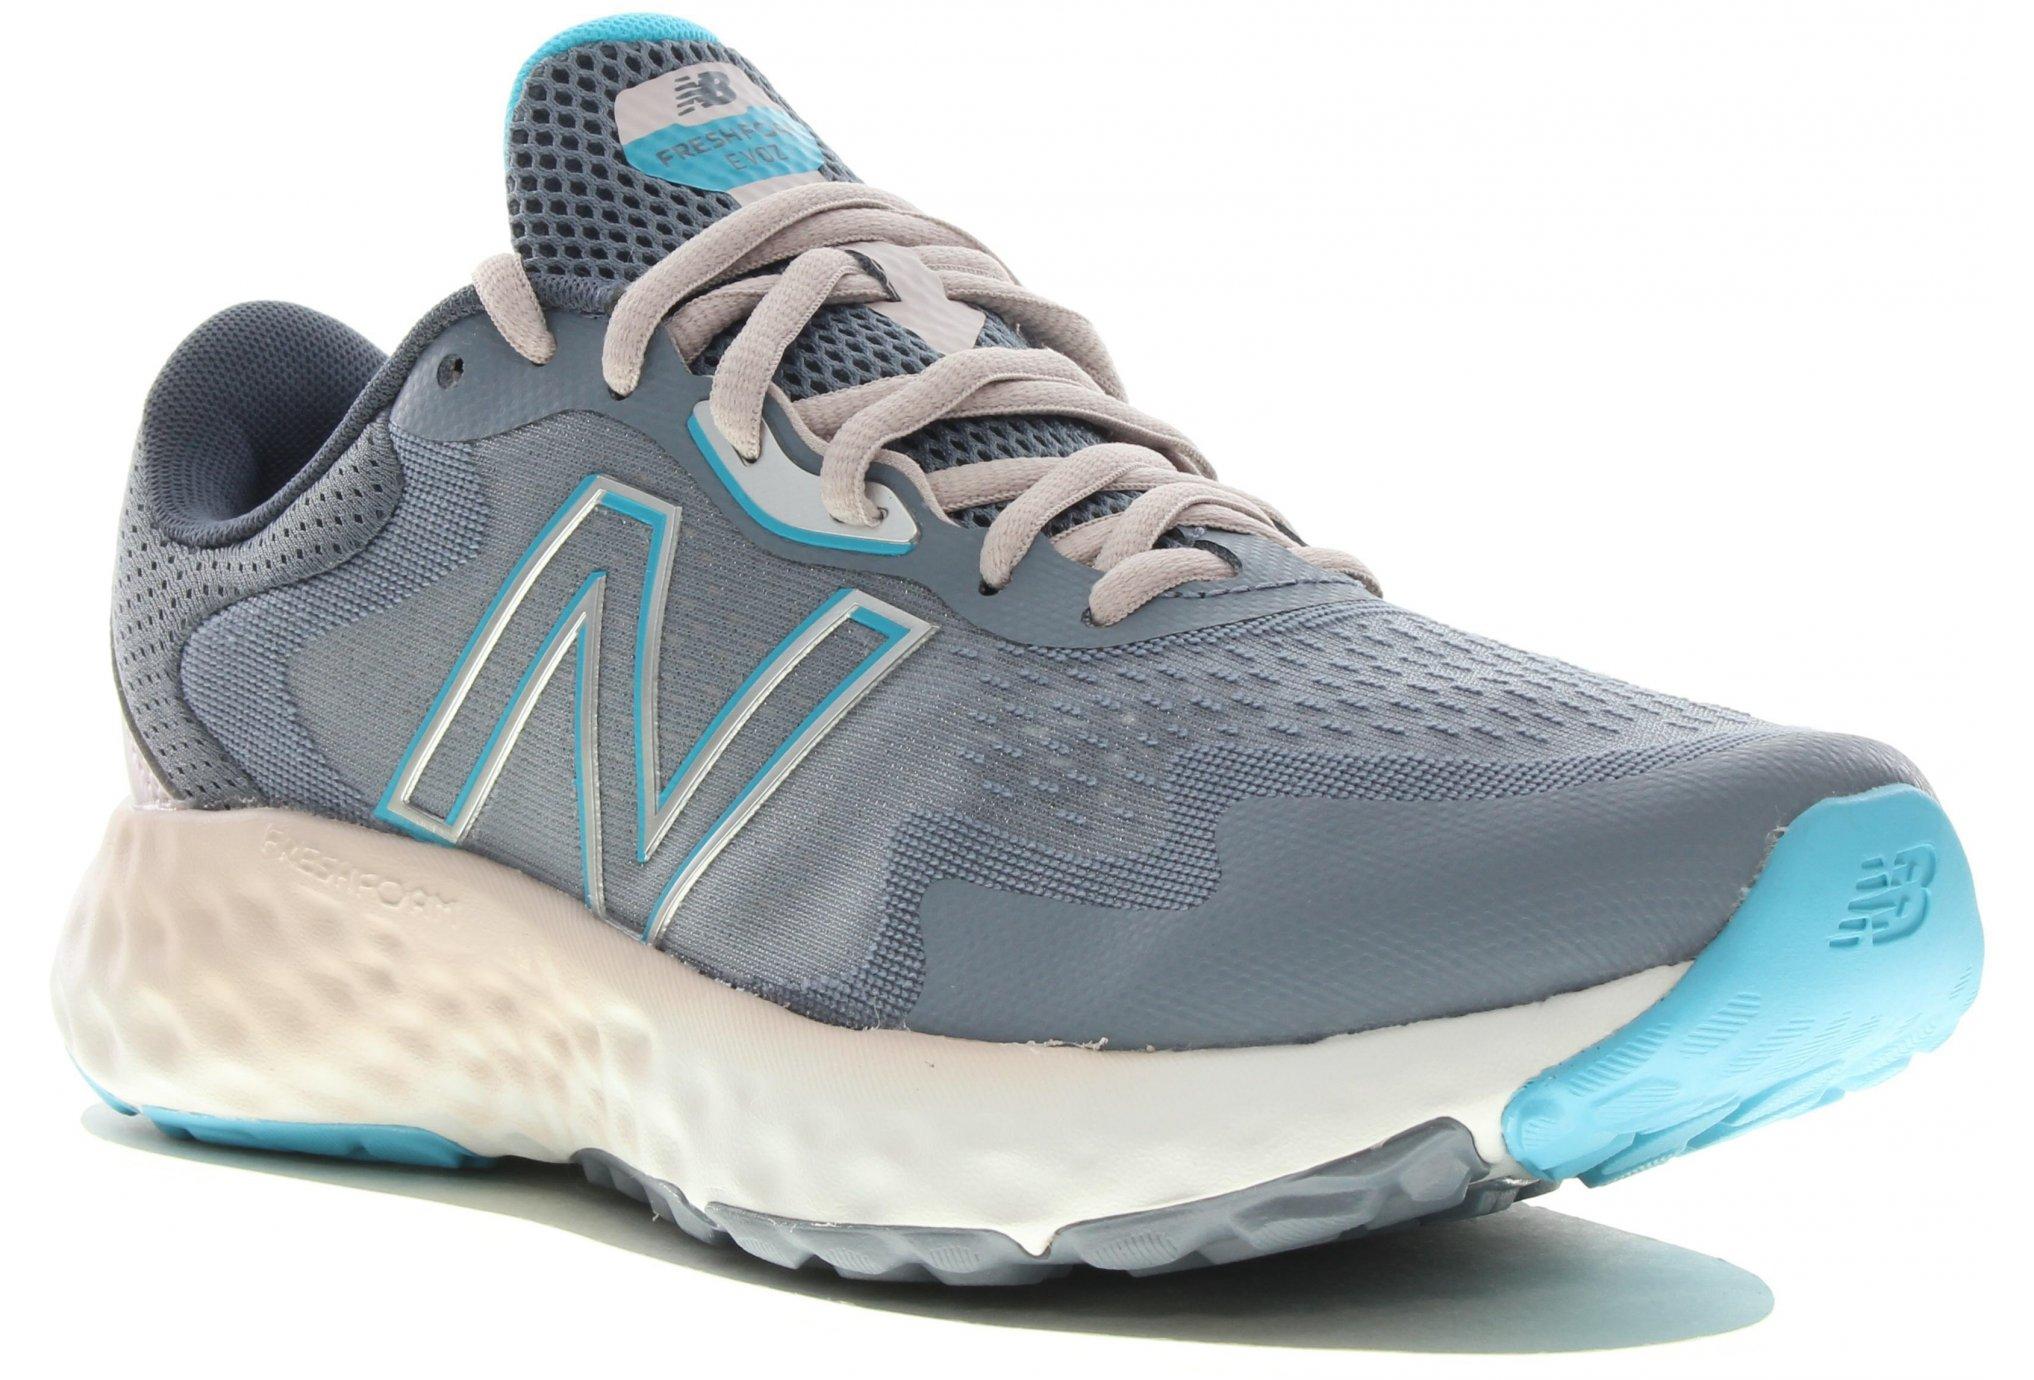 New Balance Fresh Foam Evoz W Chaussures running femme